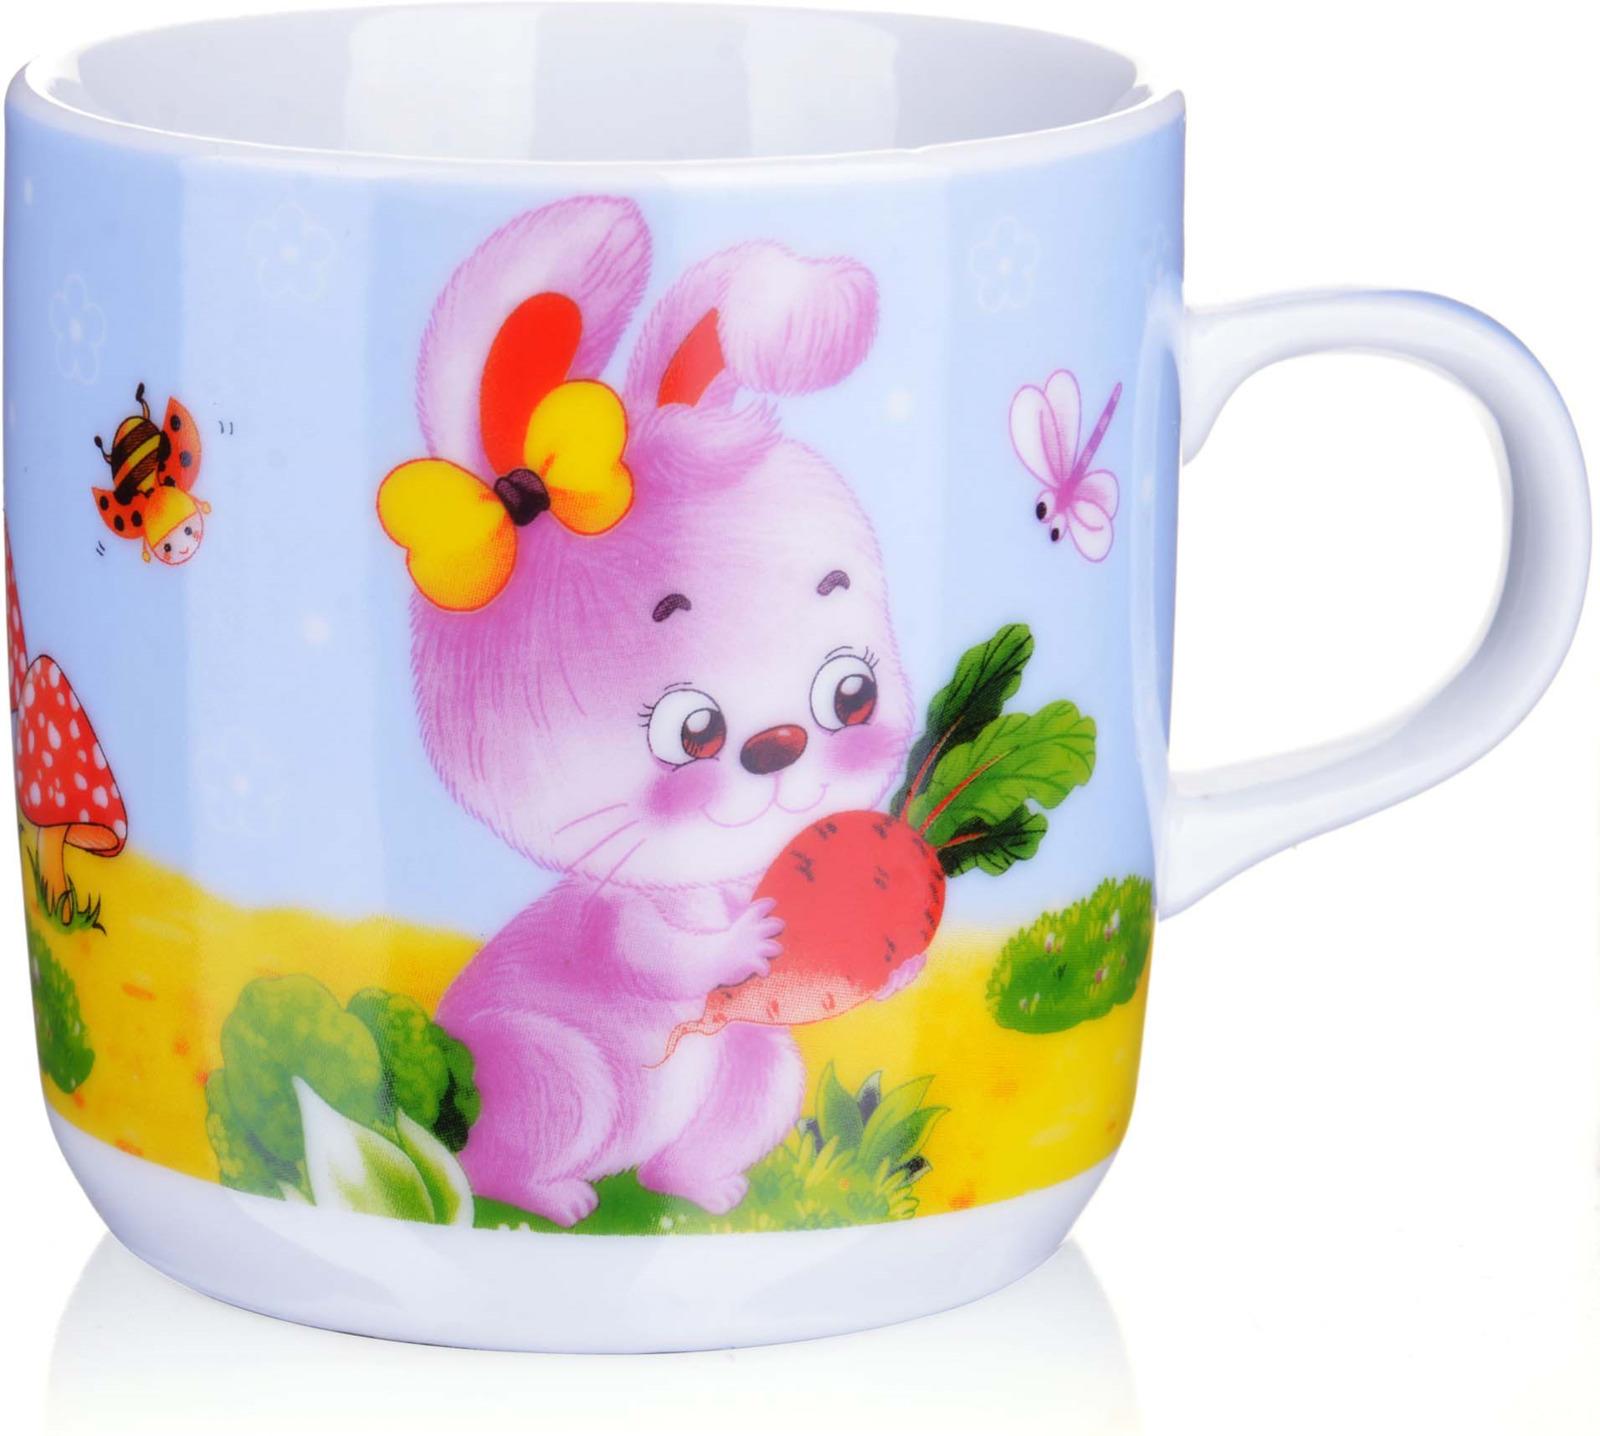 Кружка детская Loraine, цвет: белый, голубой, розовый, 230 мл кружка loraine цвет белый красный голубой 320 мл 24484